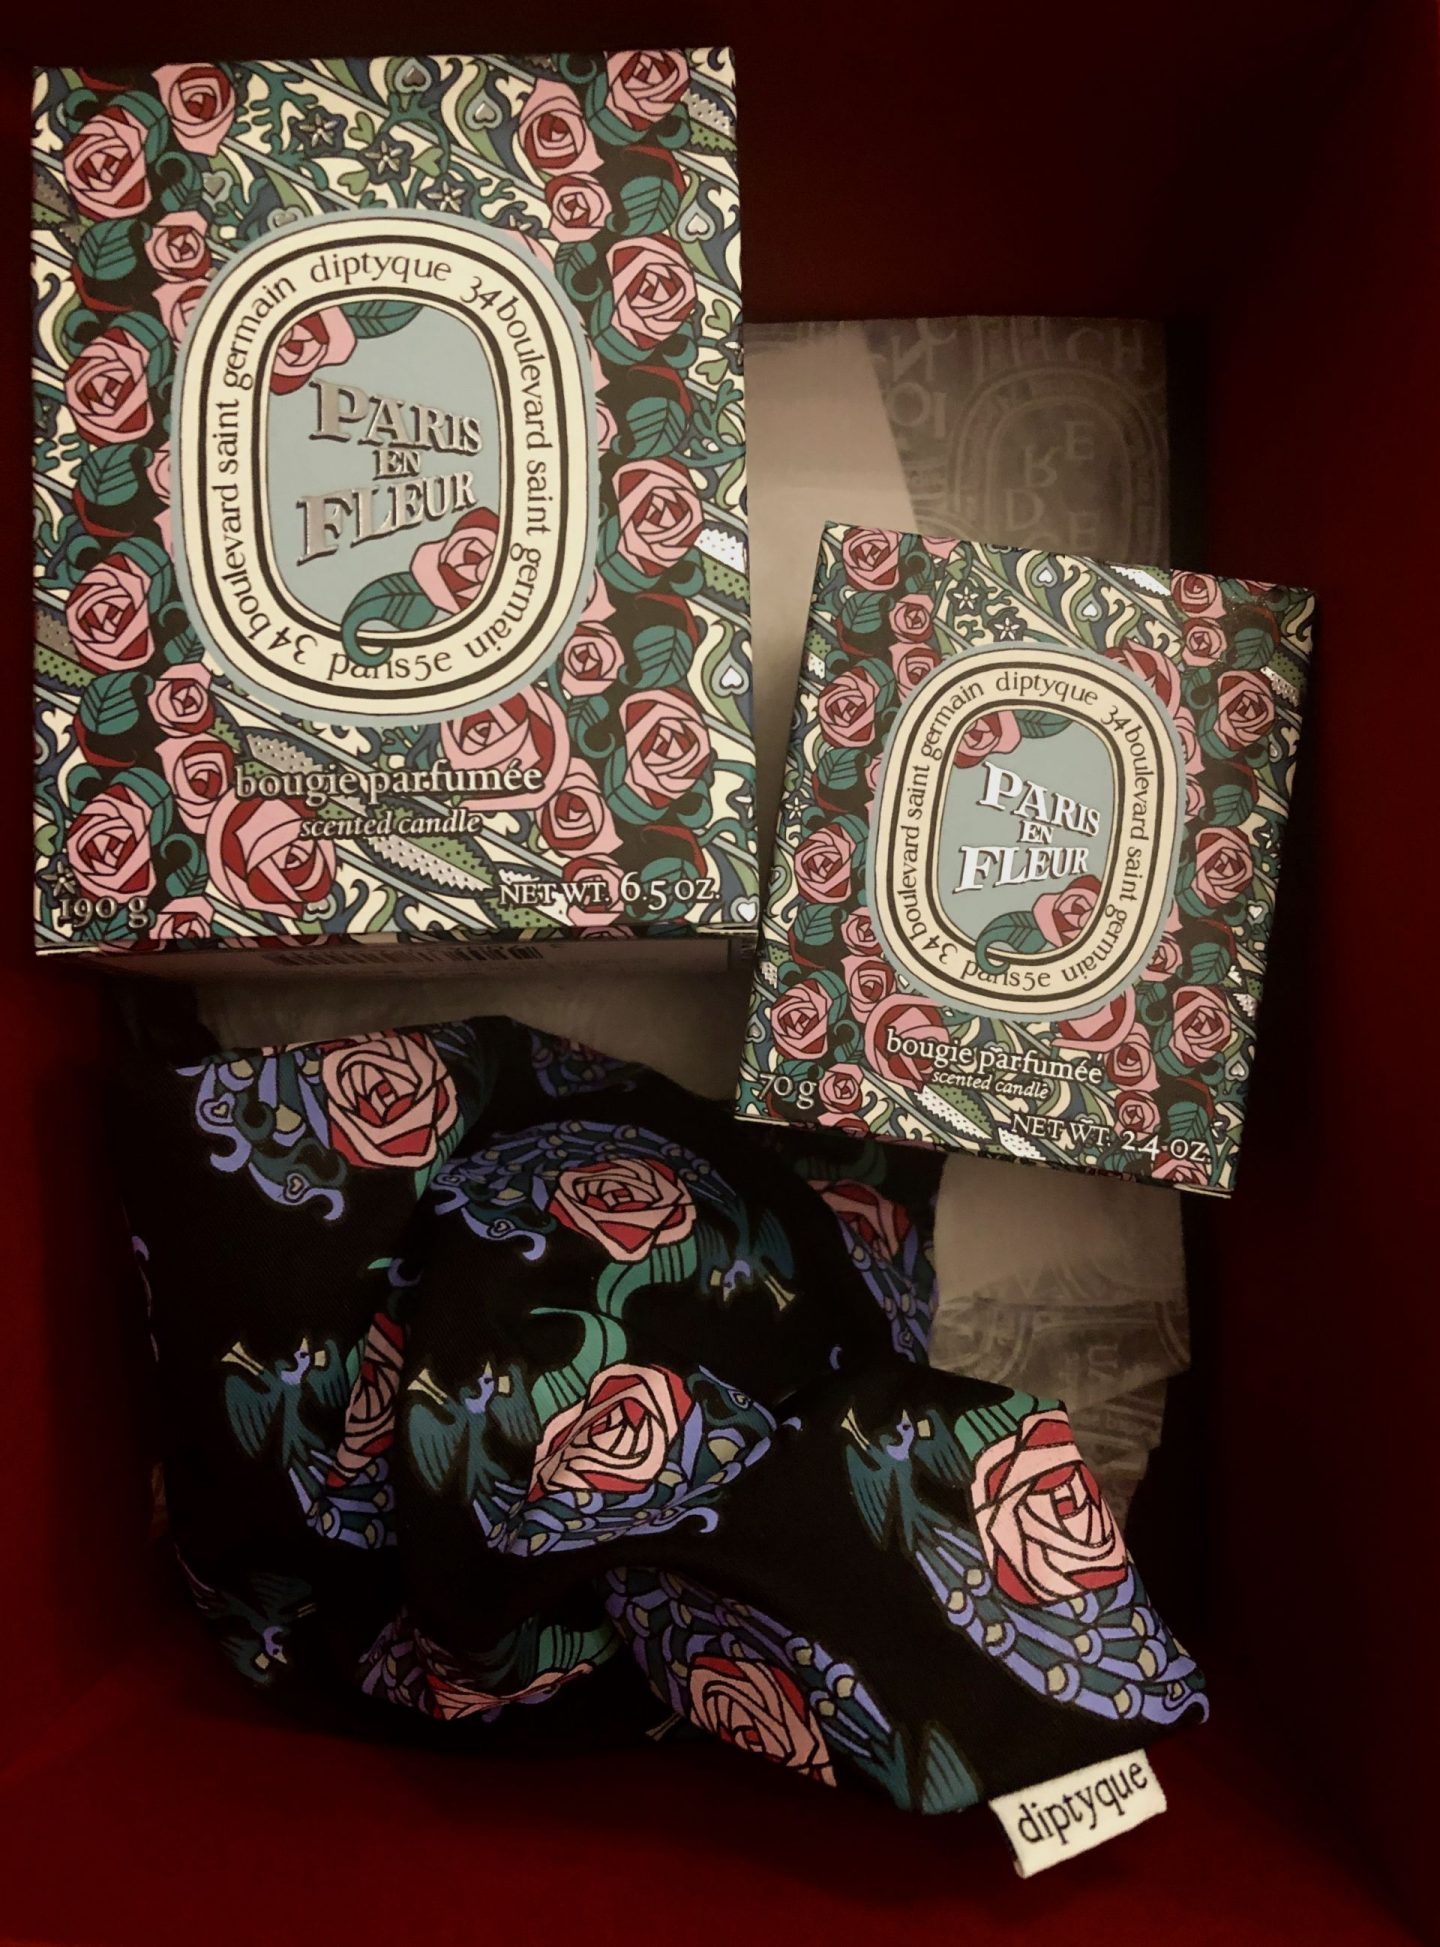 Diptyque 2020 Rose Collection: Paris En Fleur